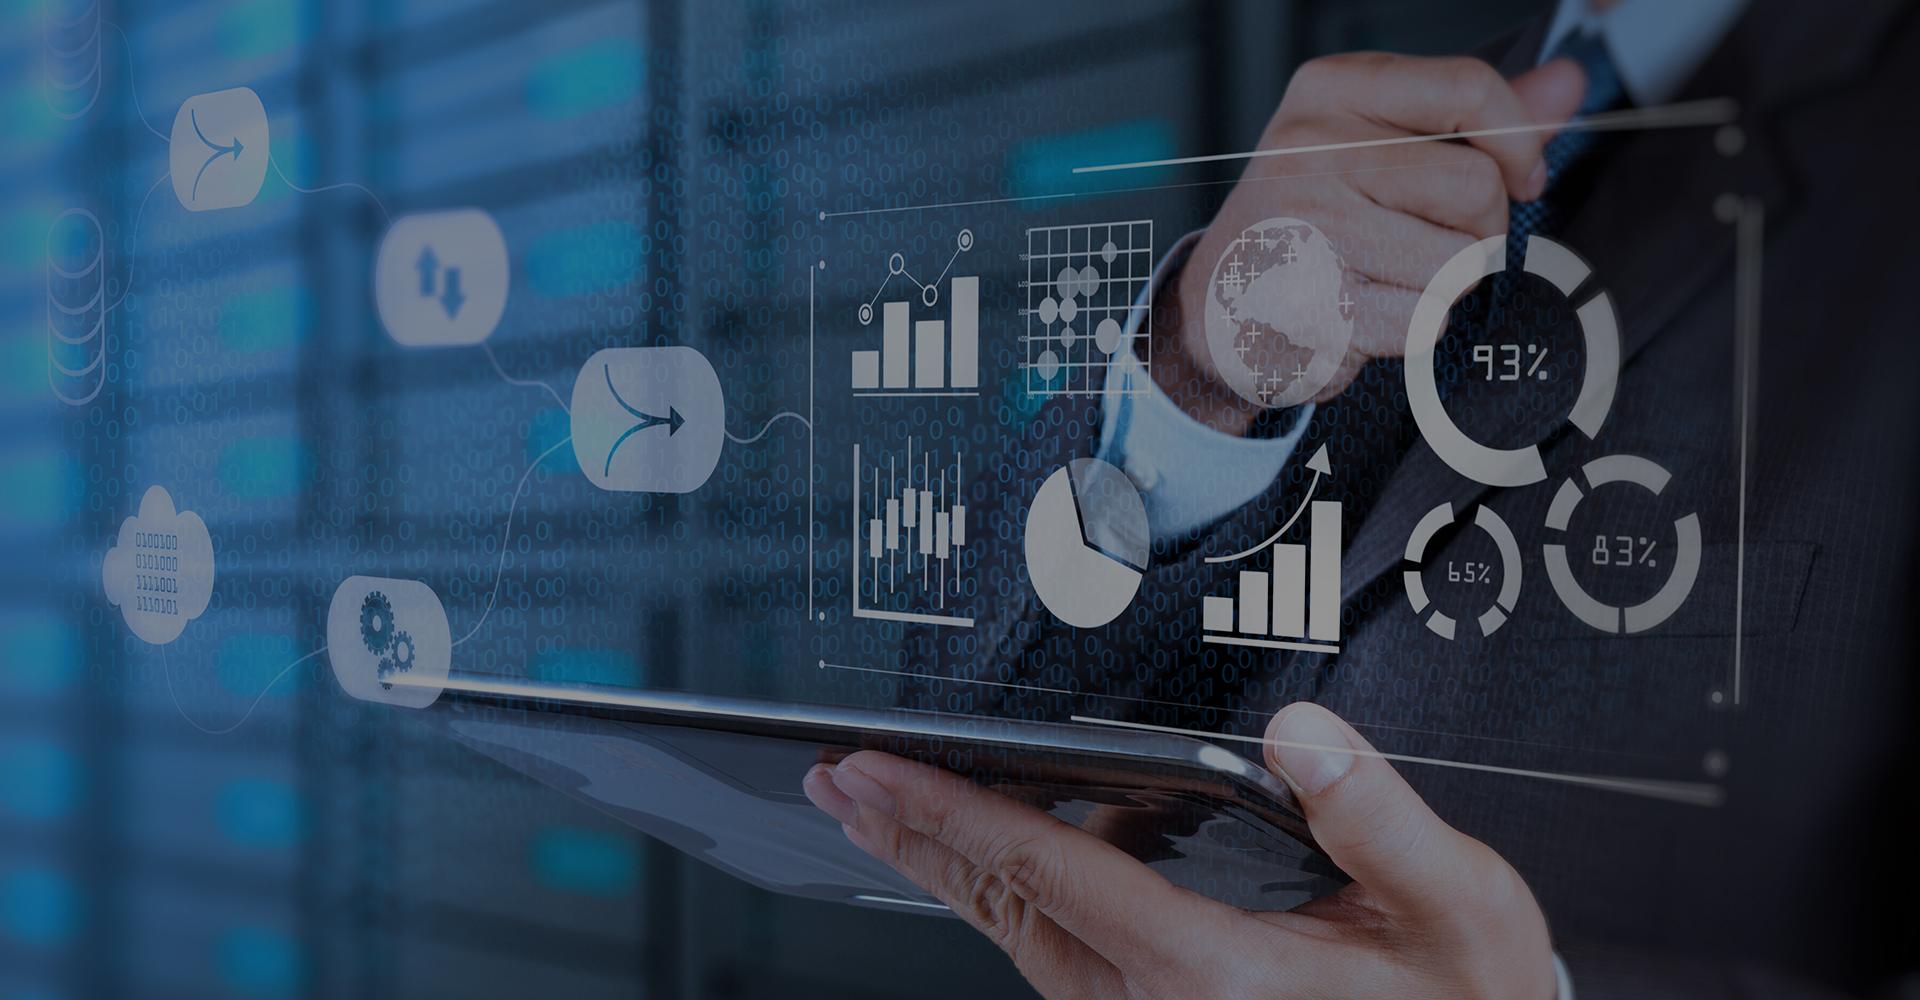 iris-experts-comptable-montpellier-bandeau-logiciel